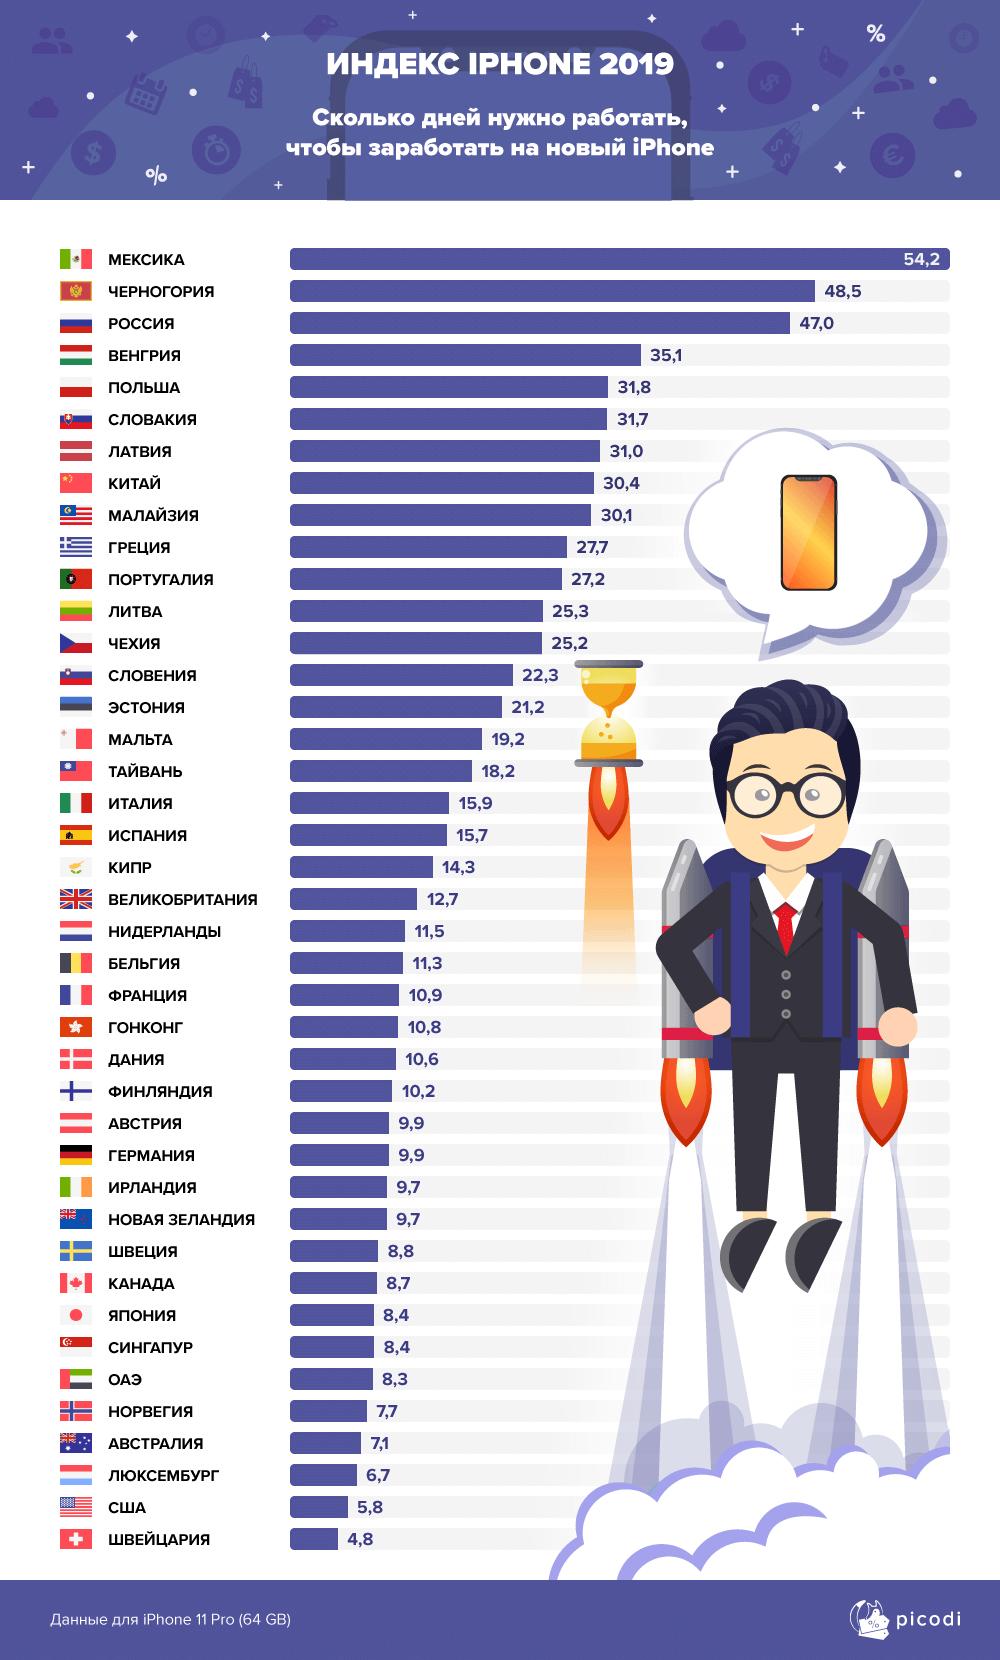 Индекс iPhone 2019: сколько нужно работать вразных странах, чтобы купить новый iPhone